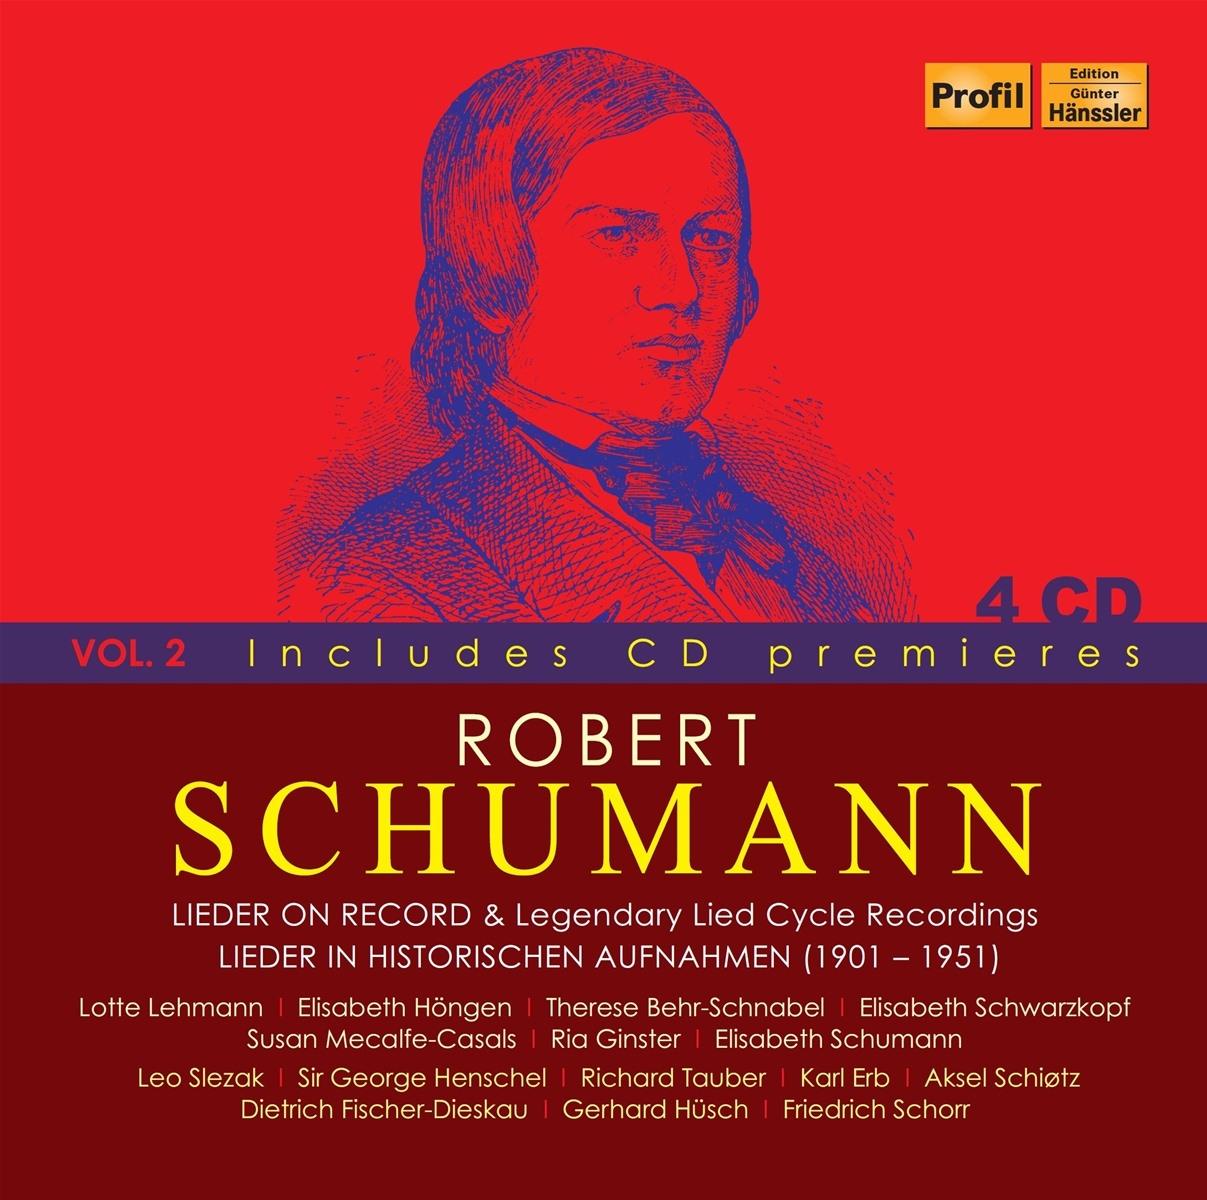 Robert Schumann Vol.2-Legendary Lied Cycle